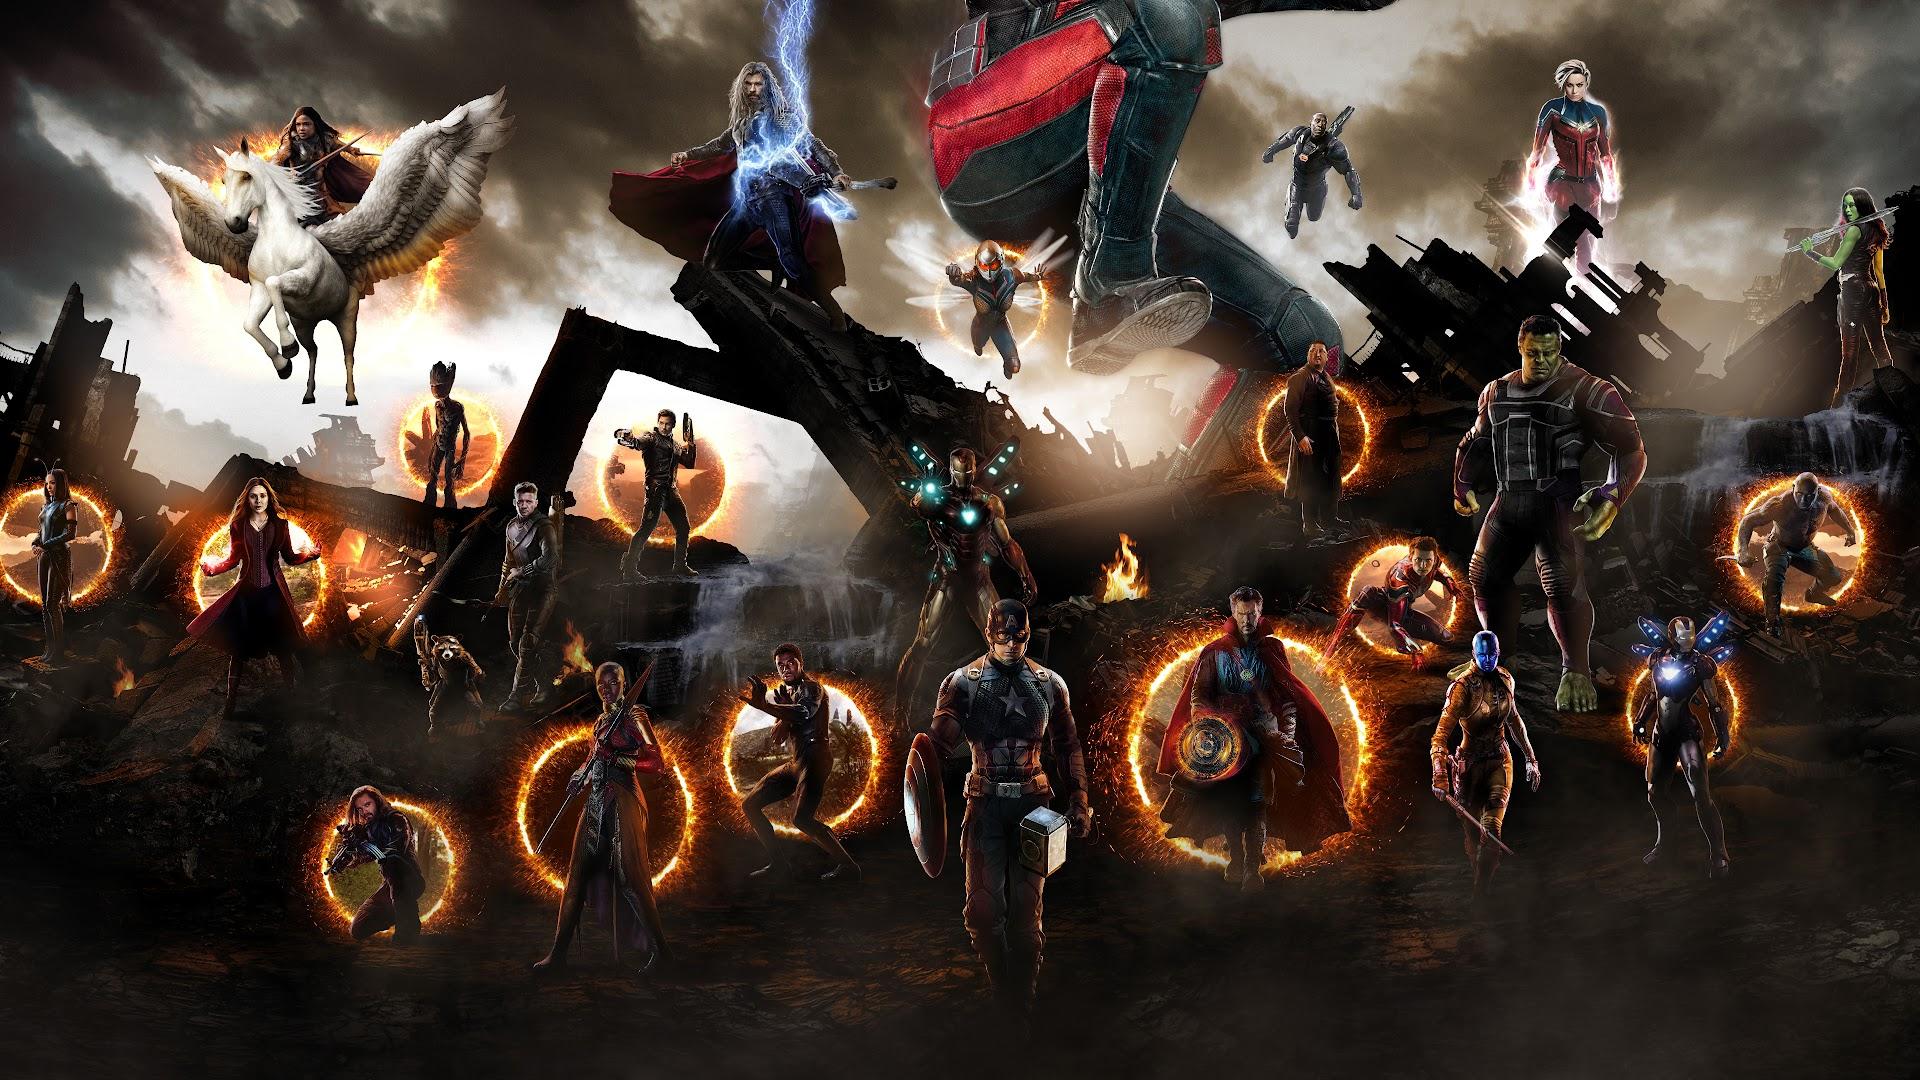 Avengers Endgame Final Battle 4k Wallpaper 156